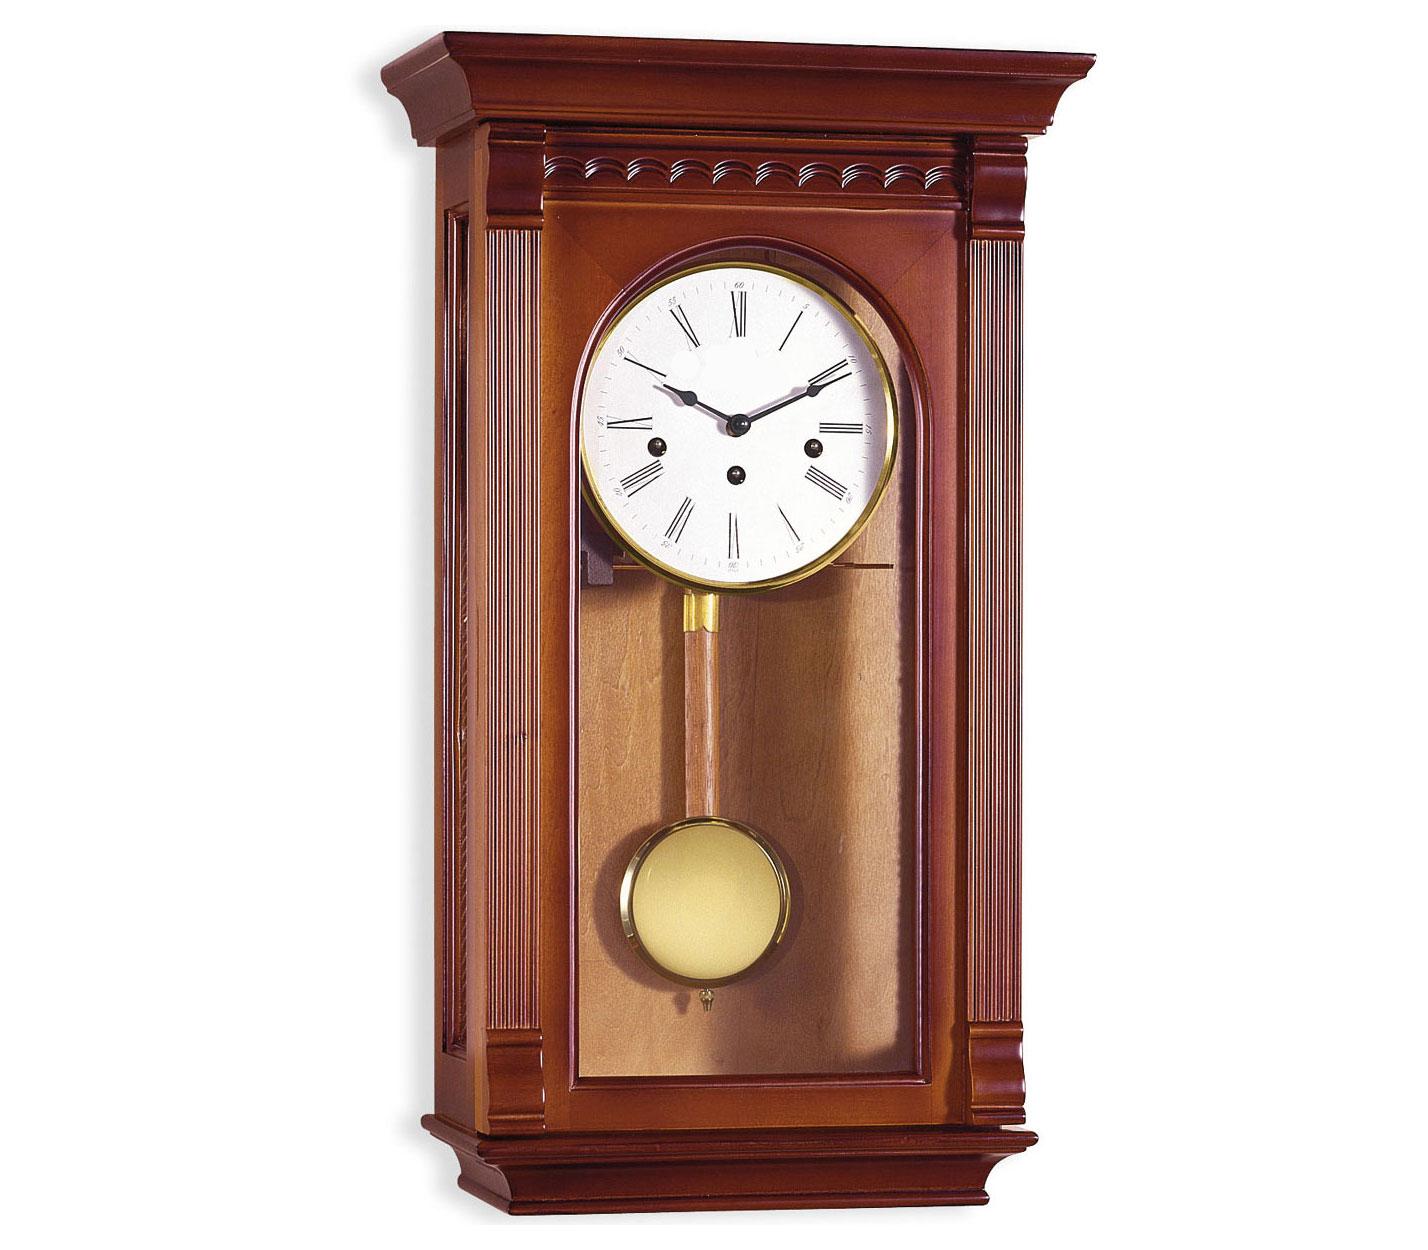 Reloj de pendulo de pared mec nico 58 cm alta calidad - Relojes de pared ...